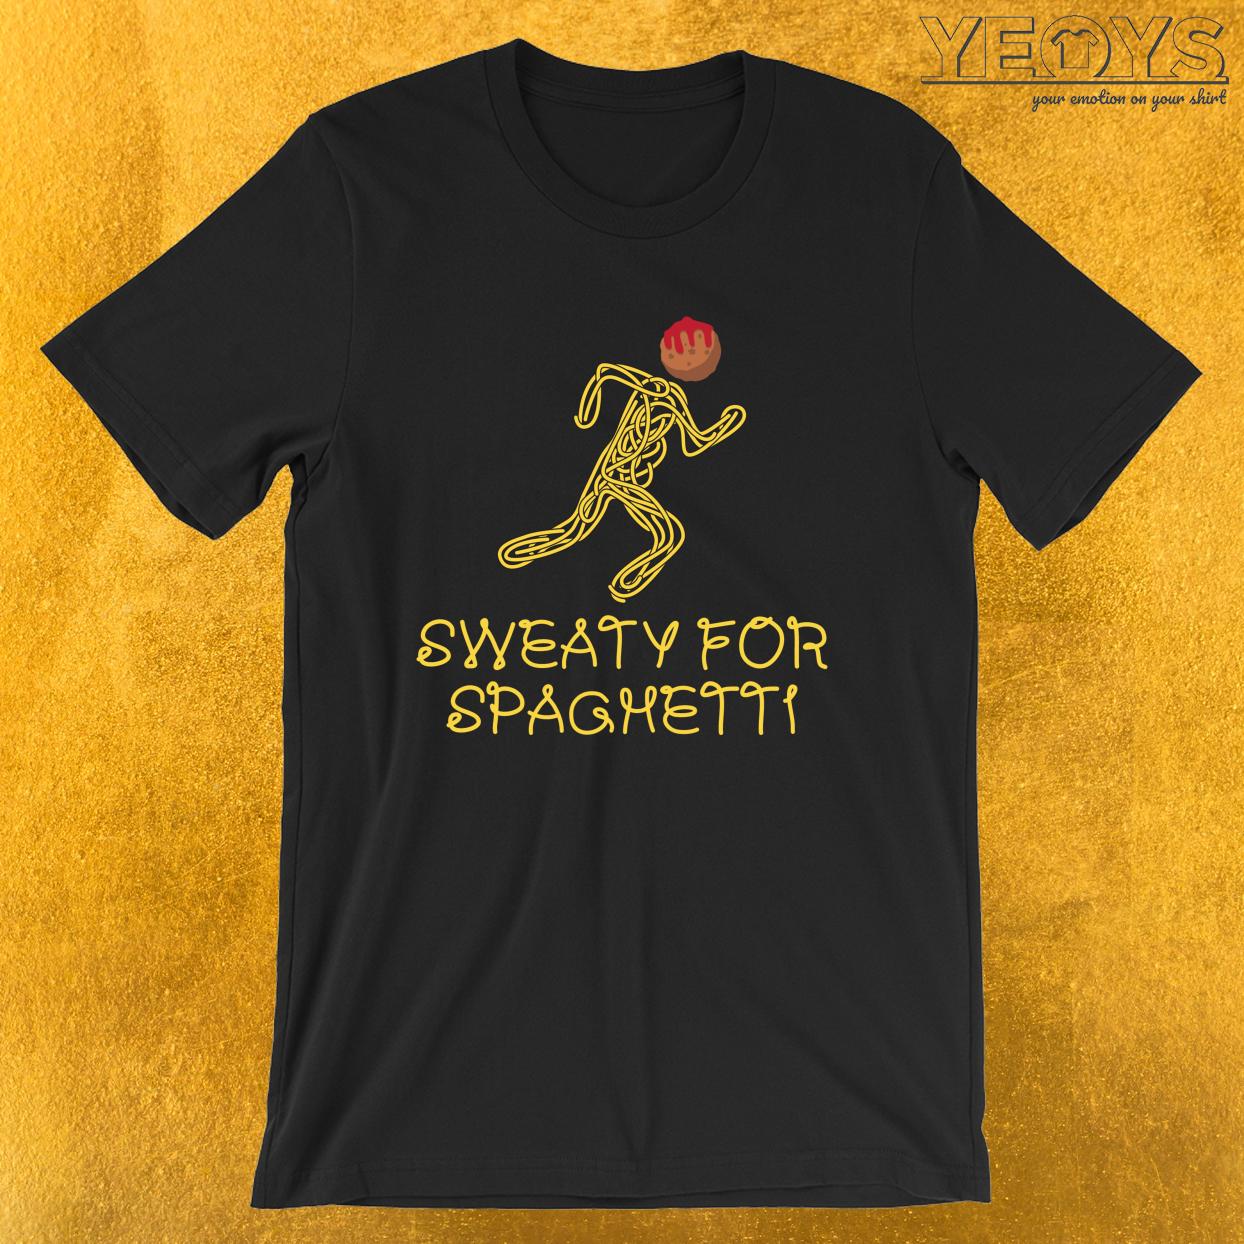 Sweaty For Spaghetti – Funny I Love Italian Pasta Tee